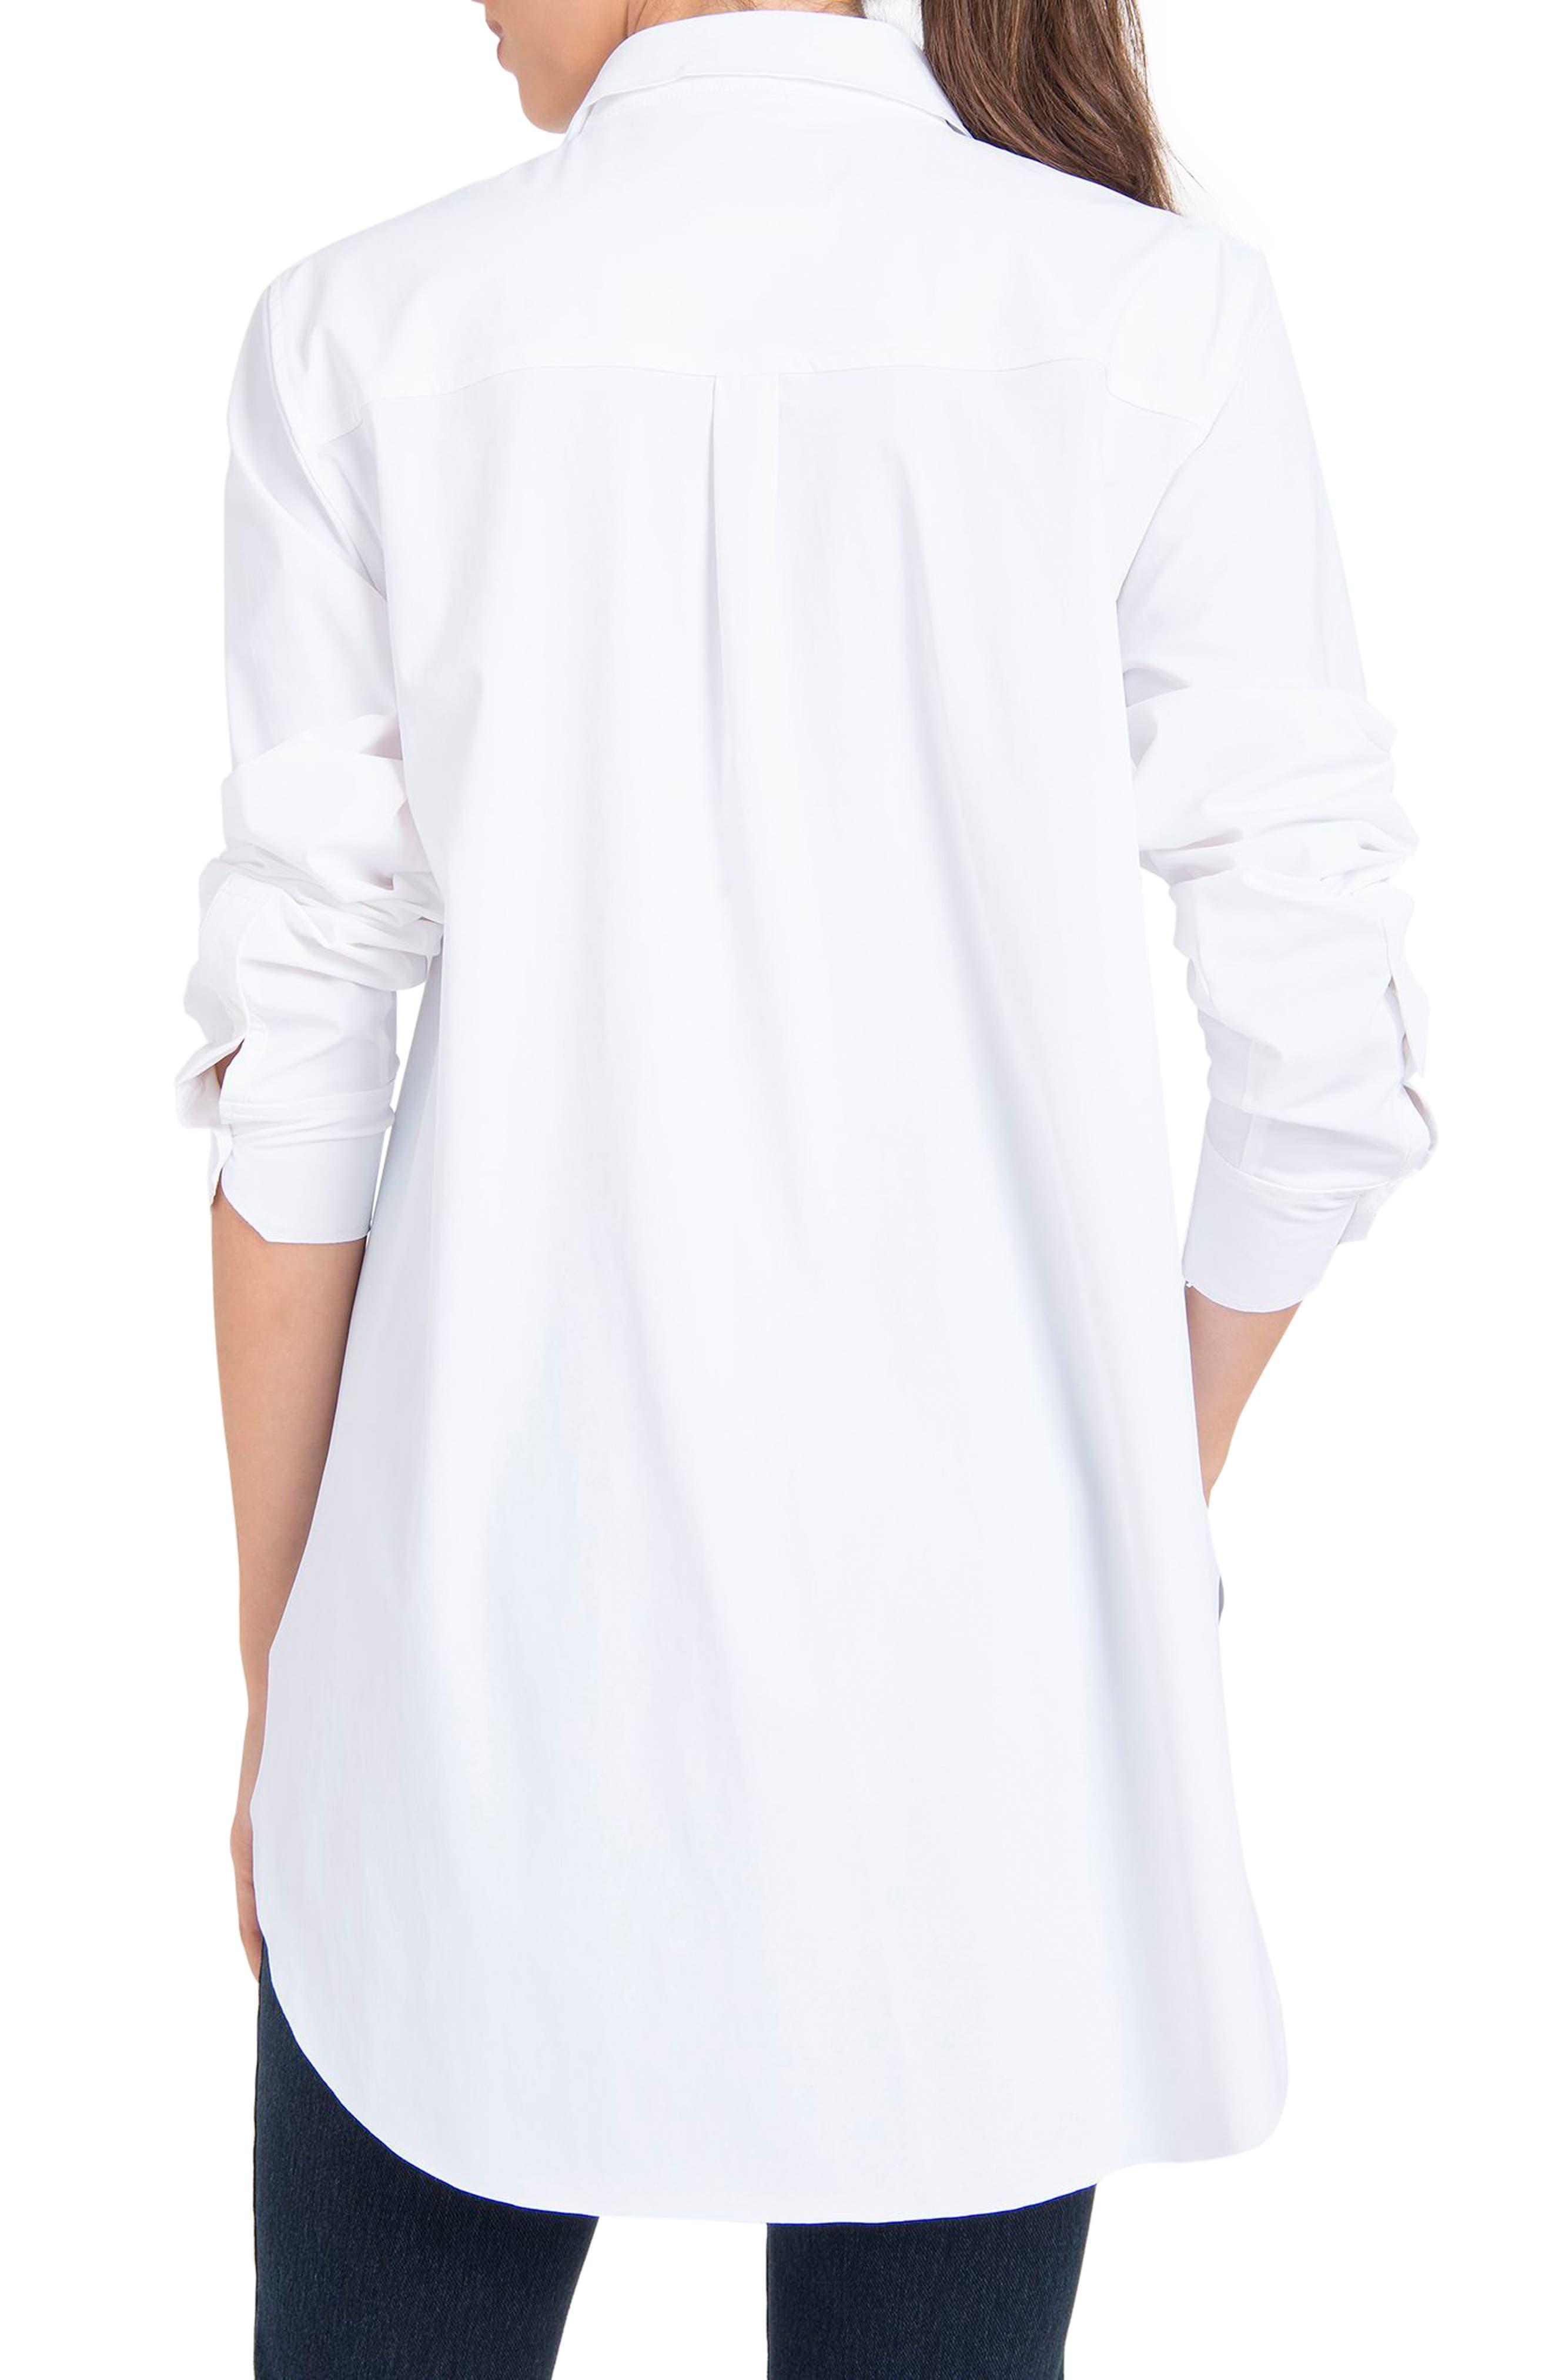 LYSSÉ,                             Schiffer Shirt,                             Alternate thumbnail 2, color,                             WHITE